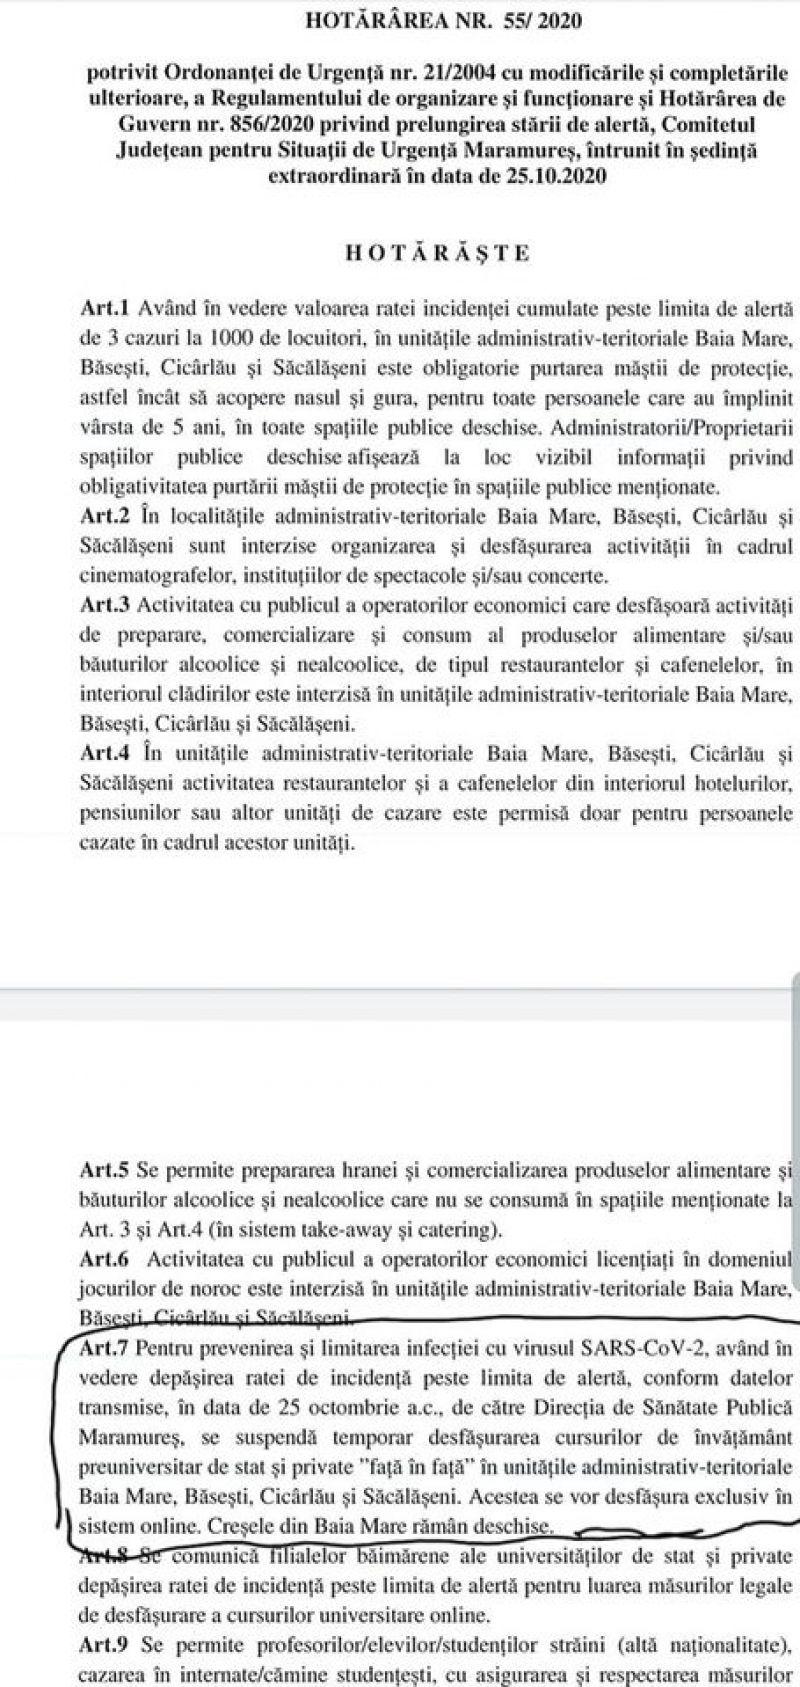 OFICIAL - În Baia Mare, Băsești, Cicârlău și Săcălășeni este obligatorie purtarea măștii de protecție. Vezi ce alte măsuri a mai luat Comitetul Județean pentru Situații de Urgență Maramureș